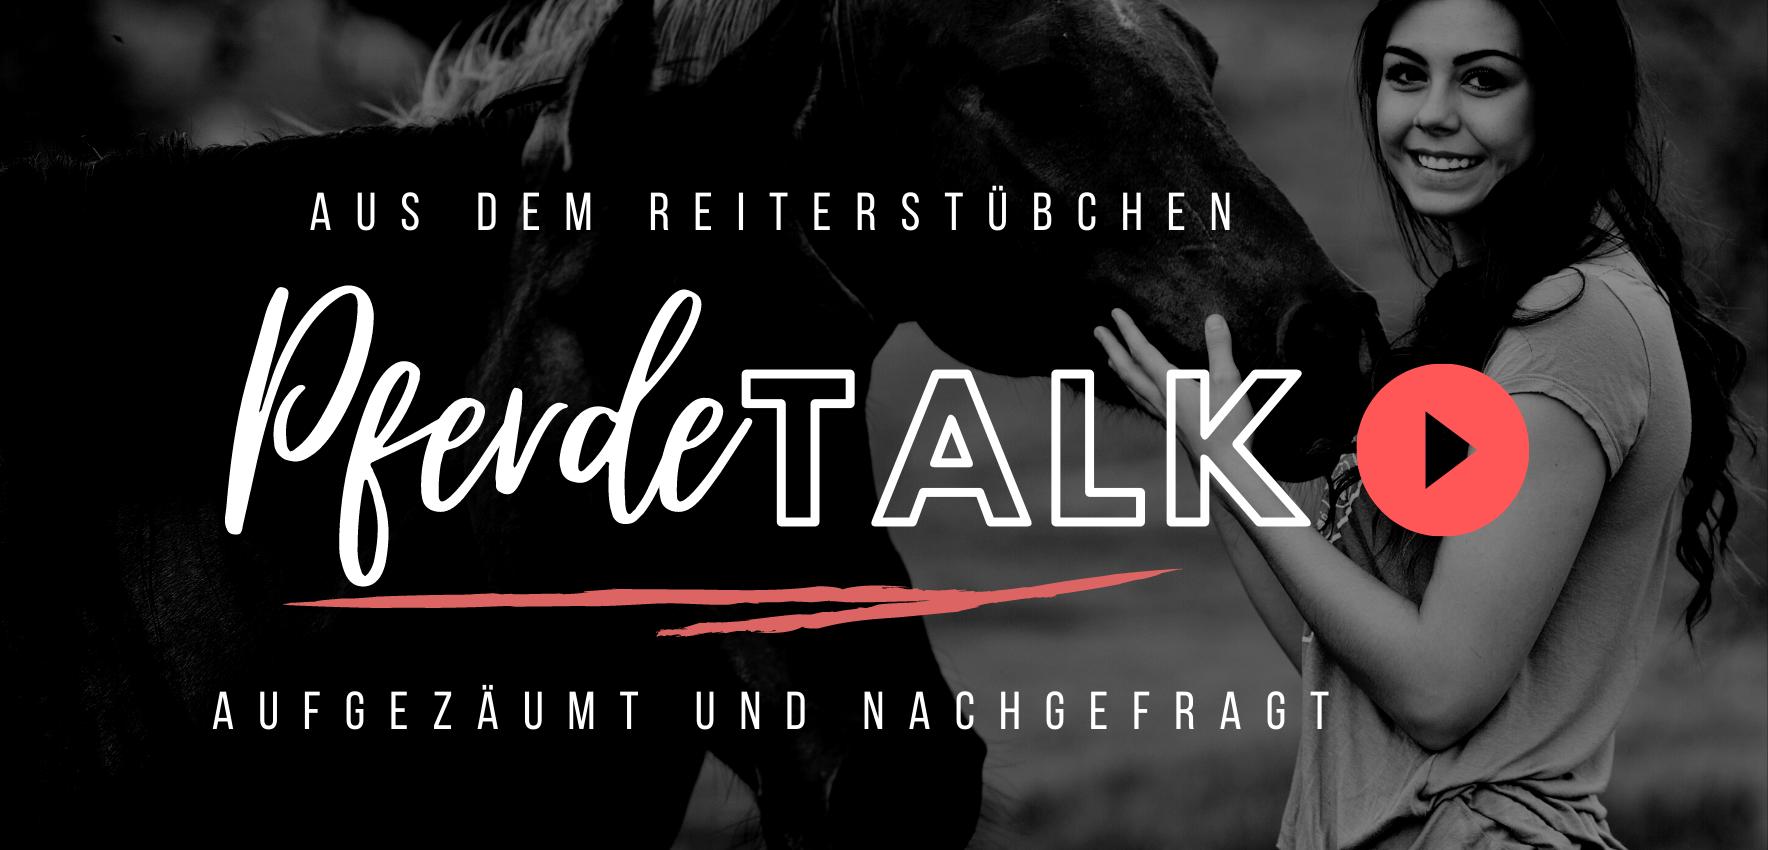 Spannende Talkrunden mit Profis, Stars und Sternchen aus dem Pferdebereich - moderiert von Michael Geitner un Kristina Sehr. Sei dabei!